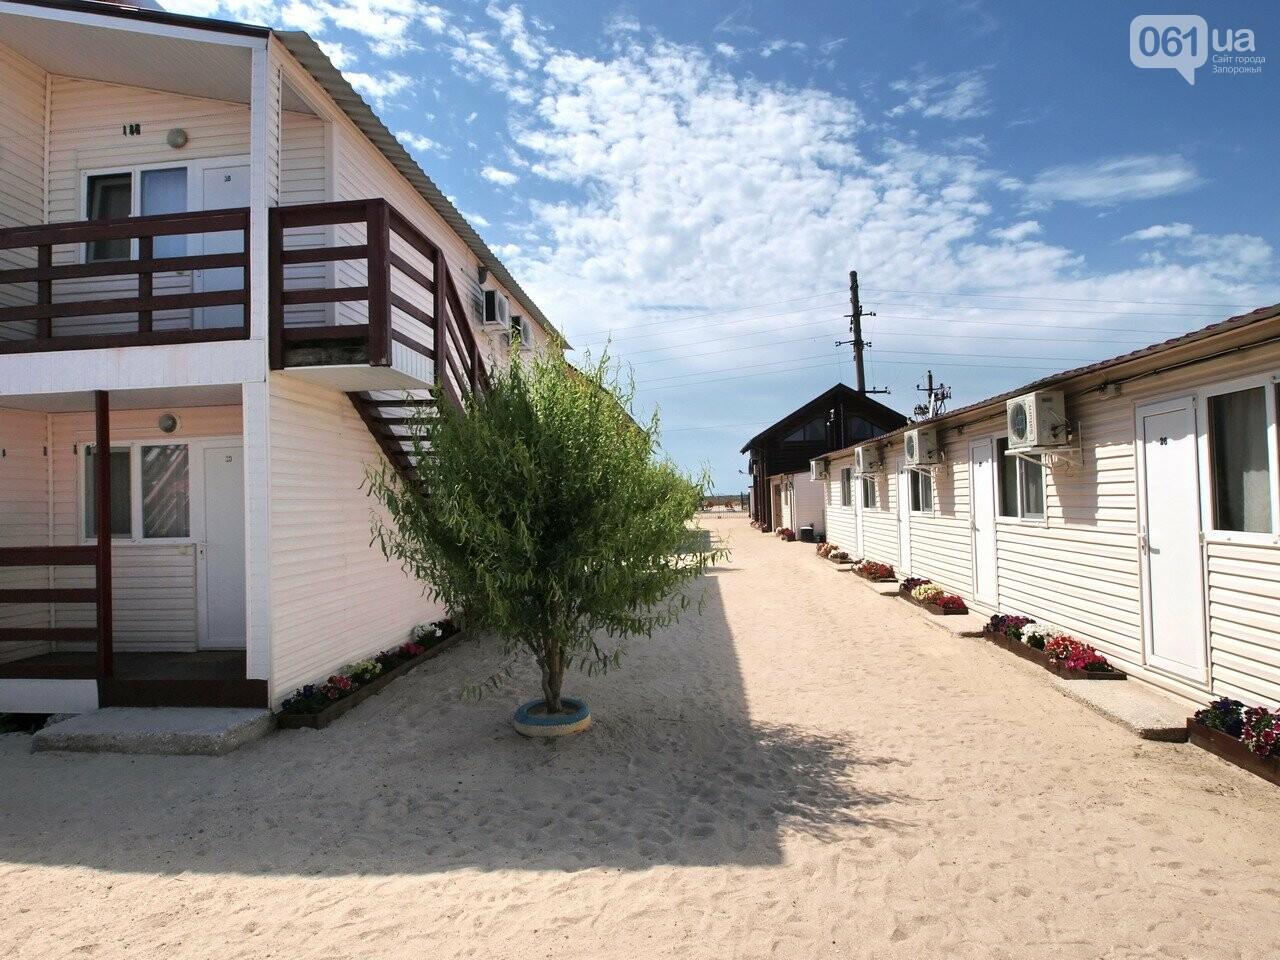 Где отдохнуть на море этим летом: обзор жилья и цен на украинских курортах , фото-49